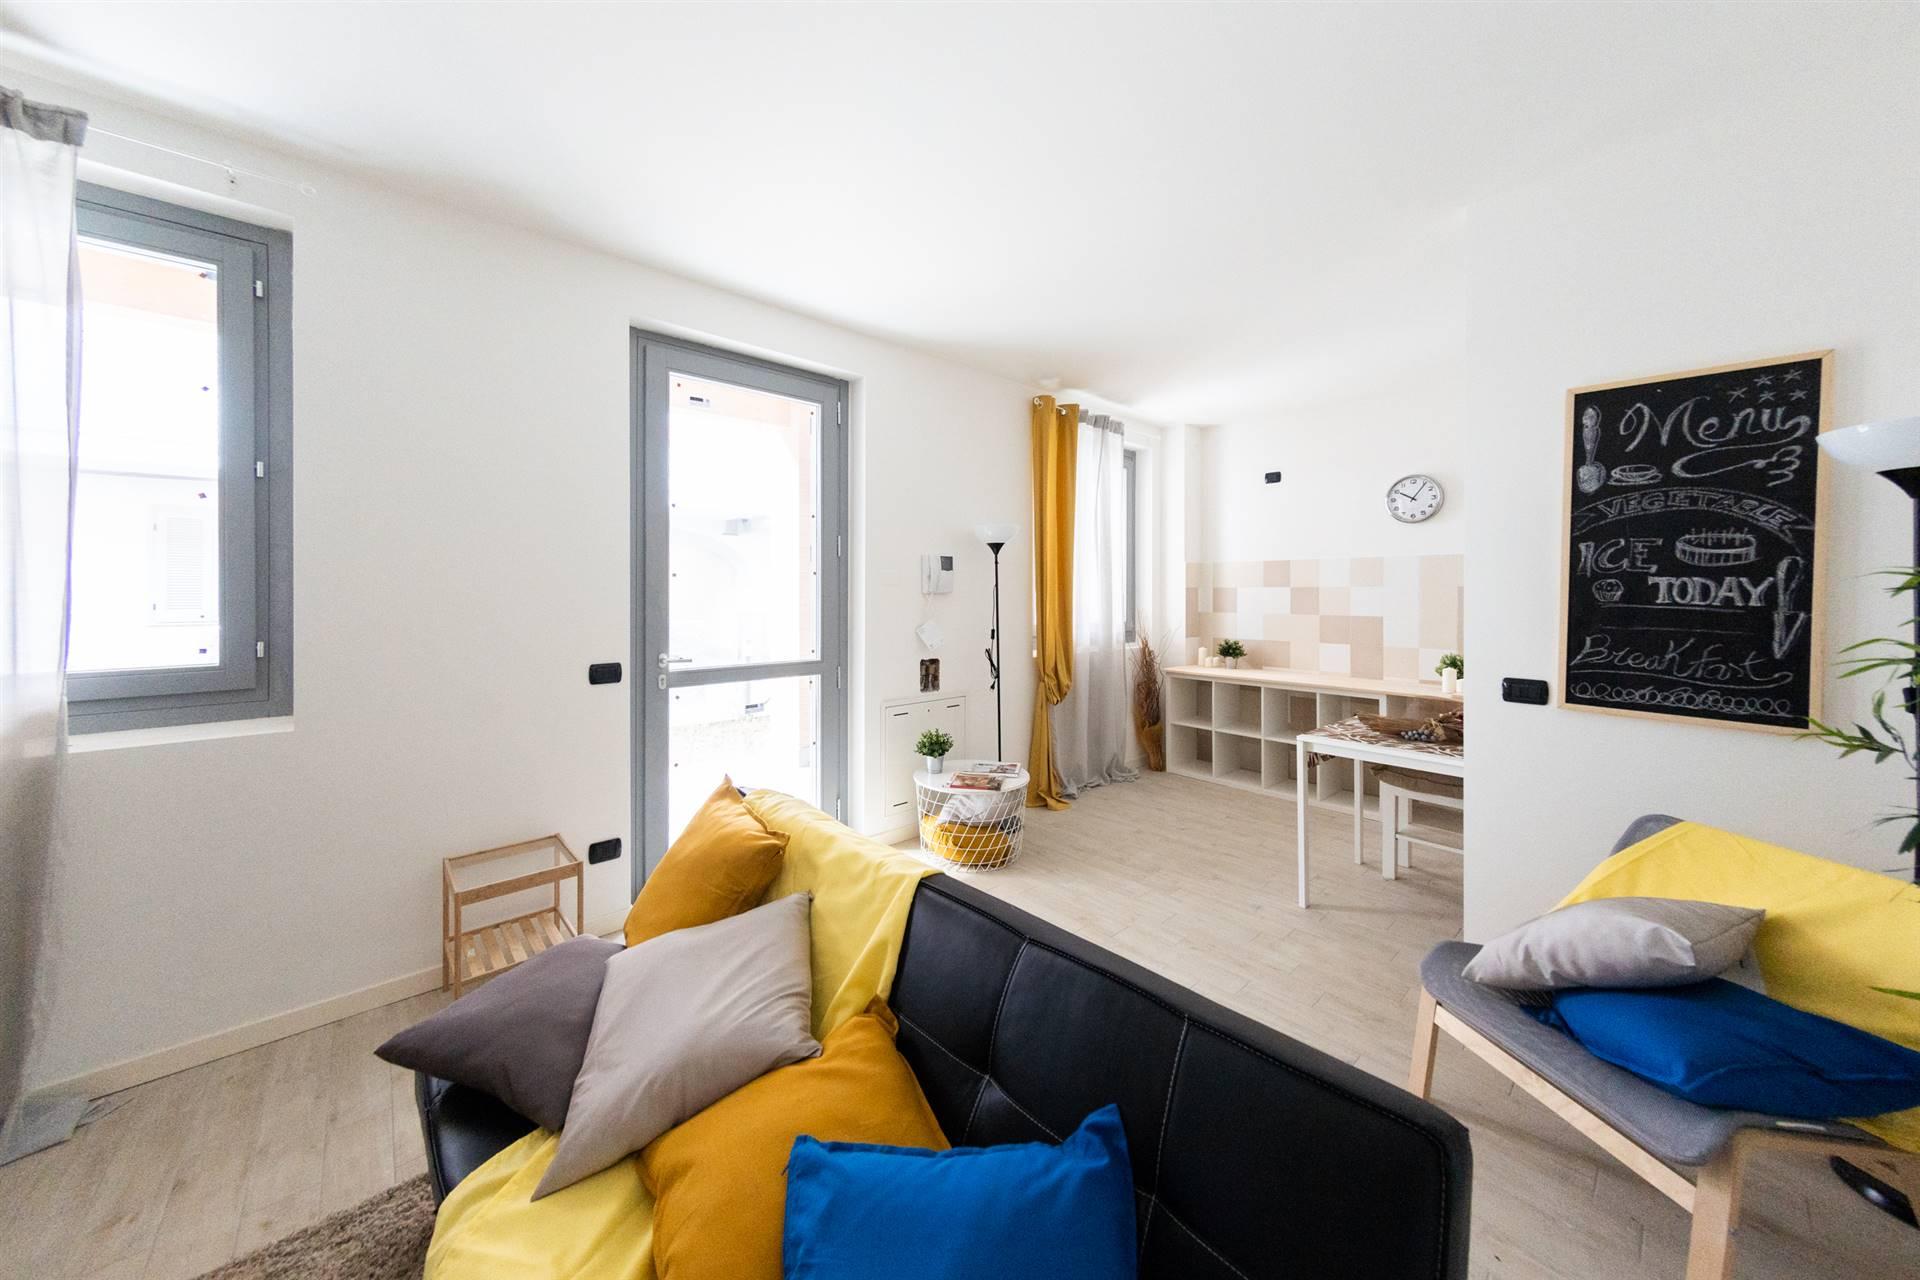 Appartamento in vendita a Cornate d'Adda, 2 locali, prezzo € 107.000 | CambioCasa.it